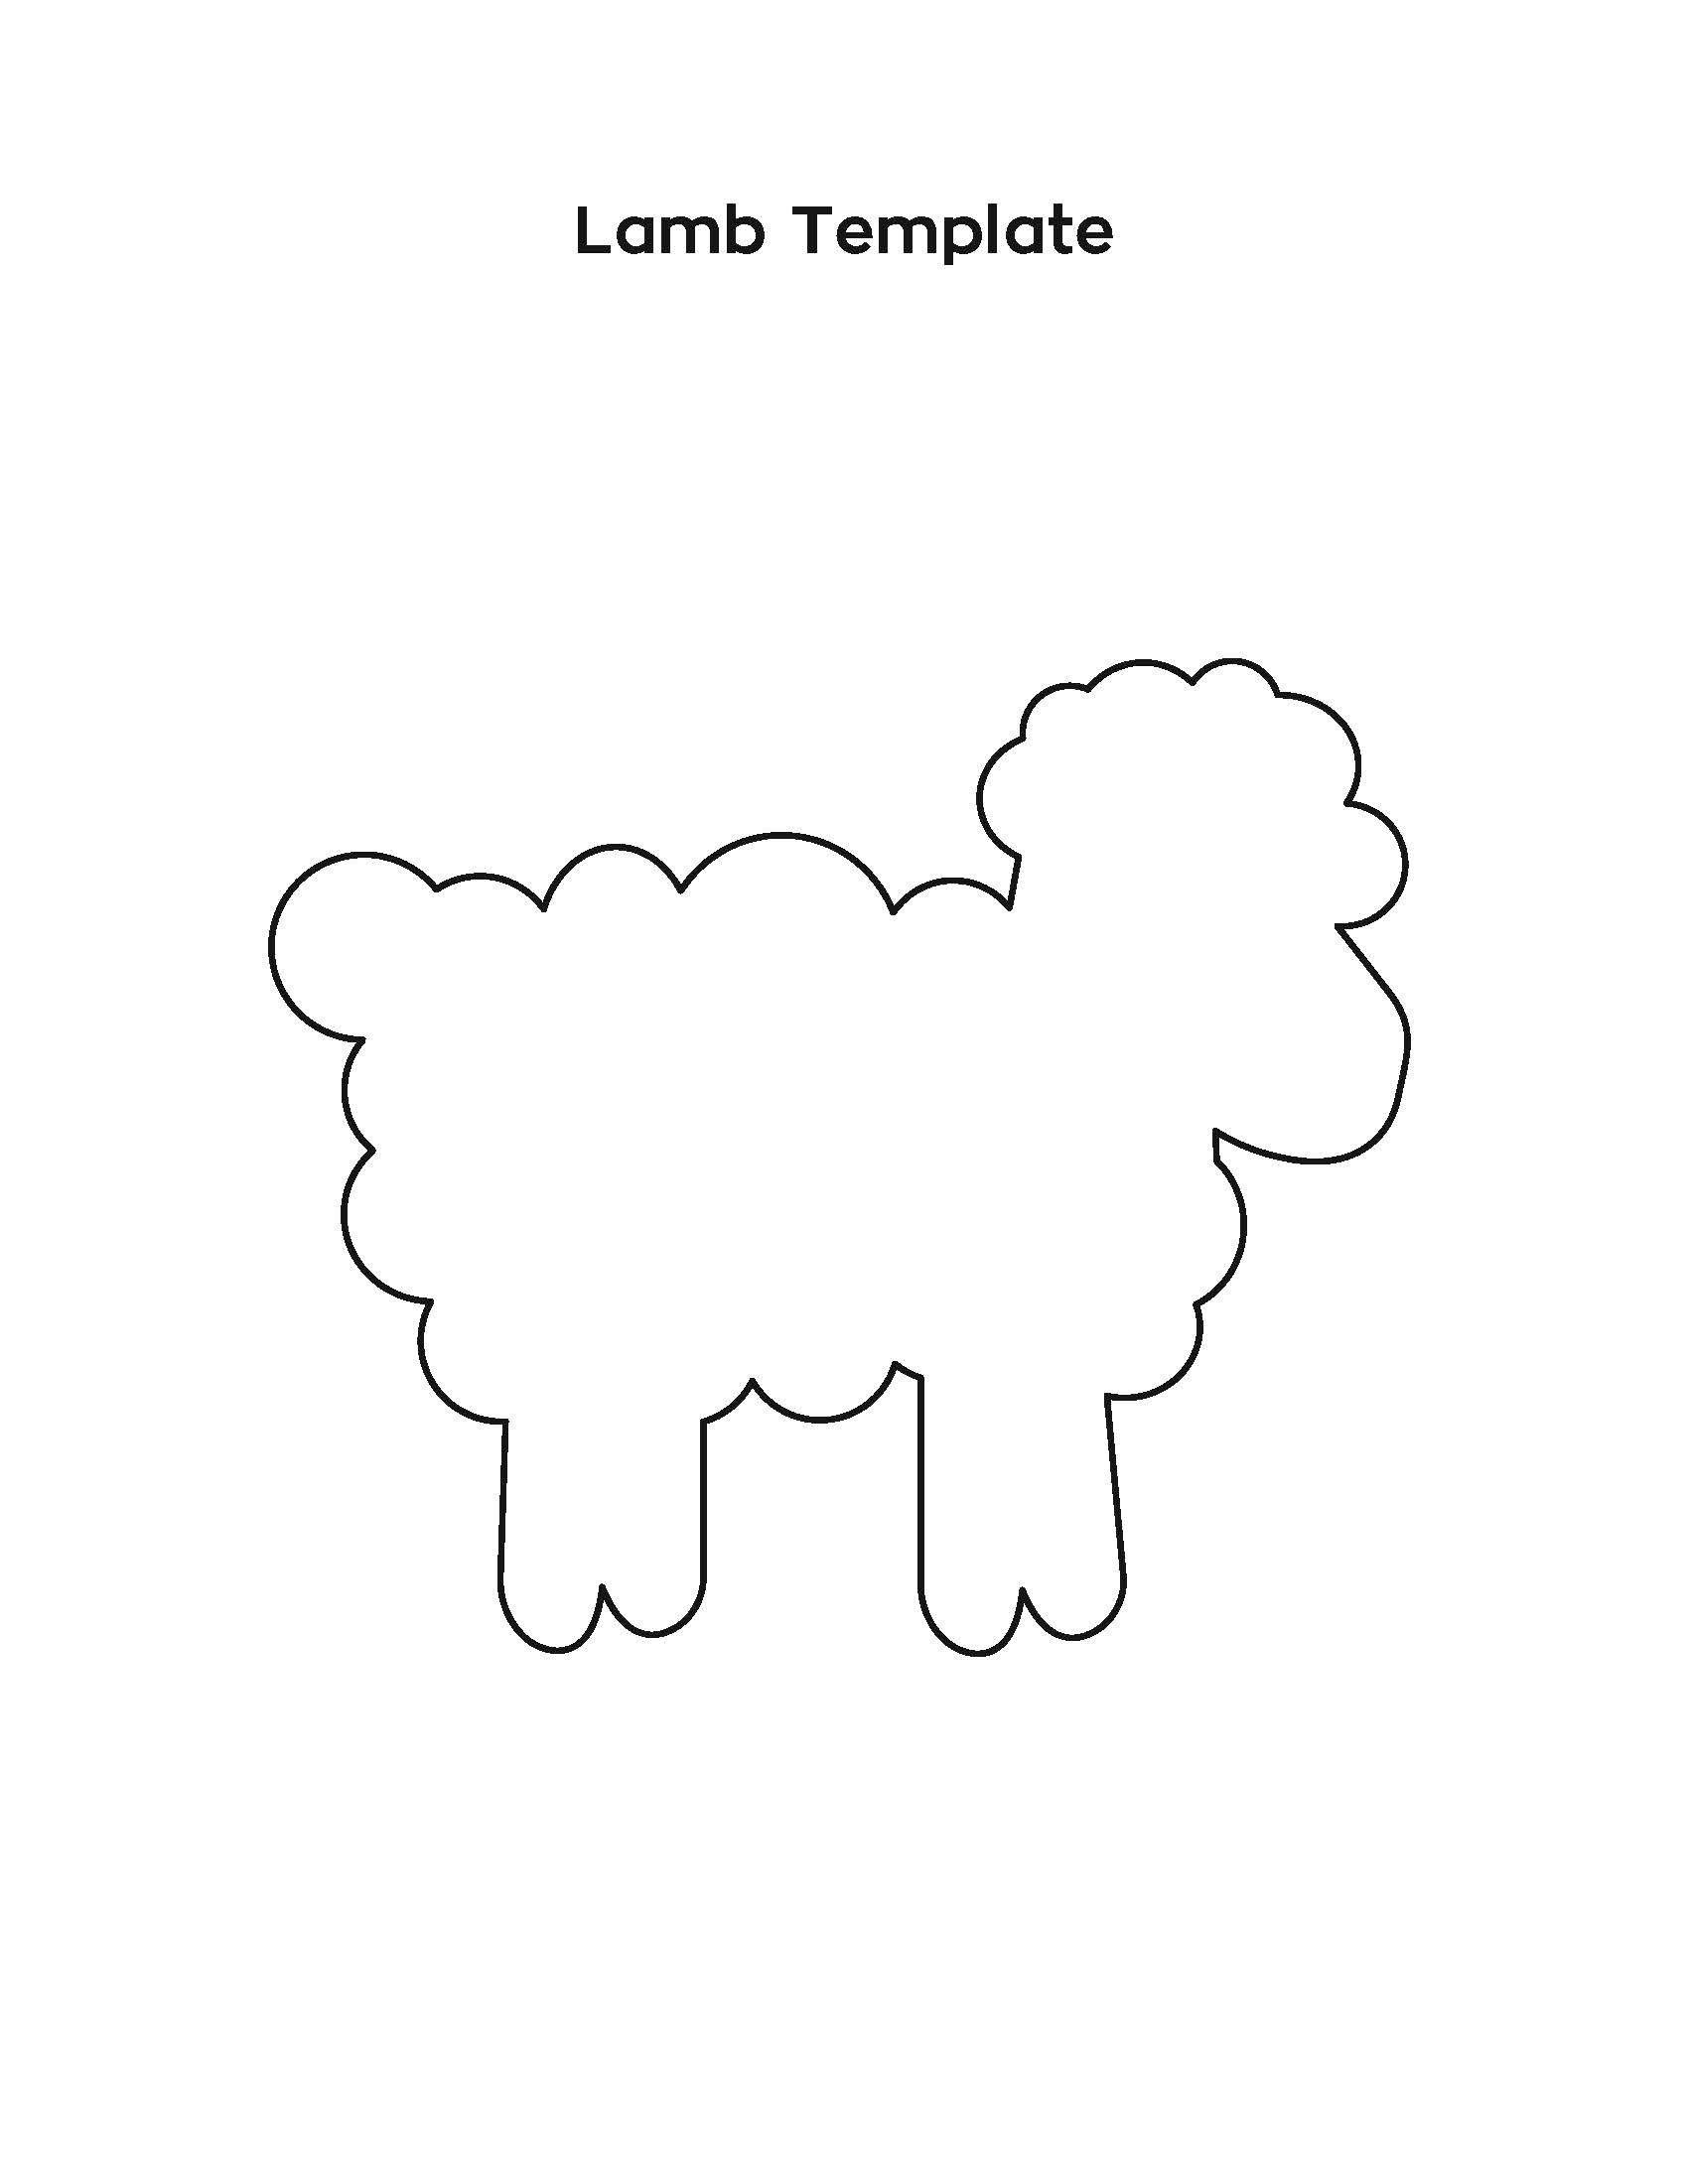 Lamb Template Lamb Craft Lamb Template Toddler Crafts [ 2200 x 1700 Pixel ]